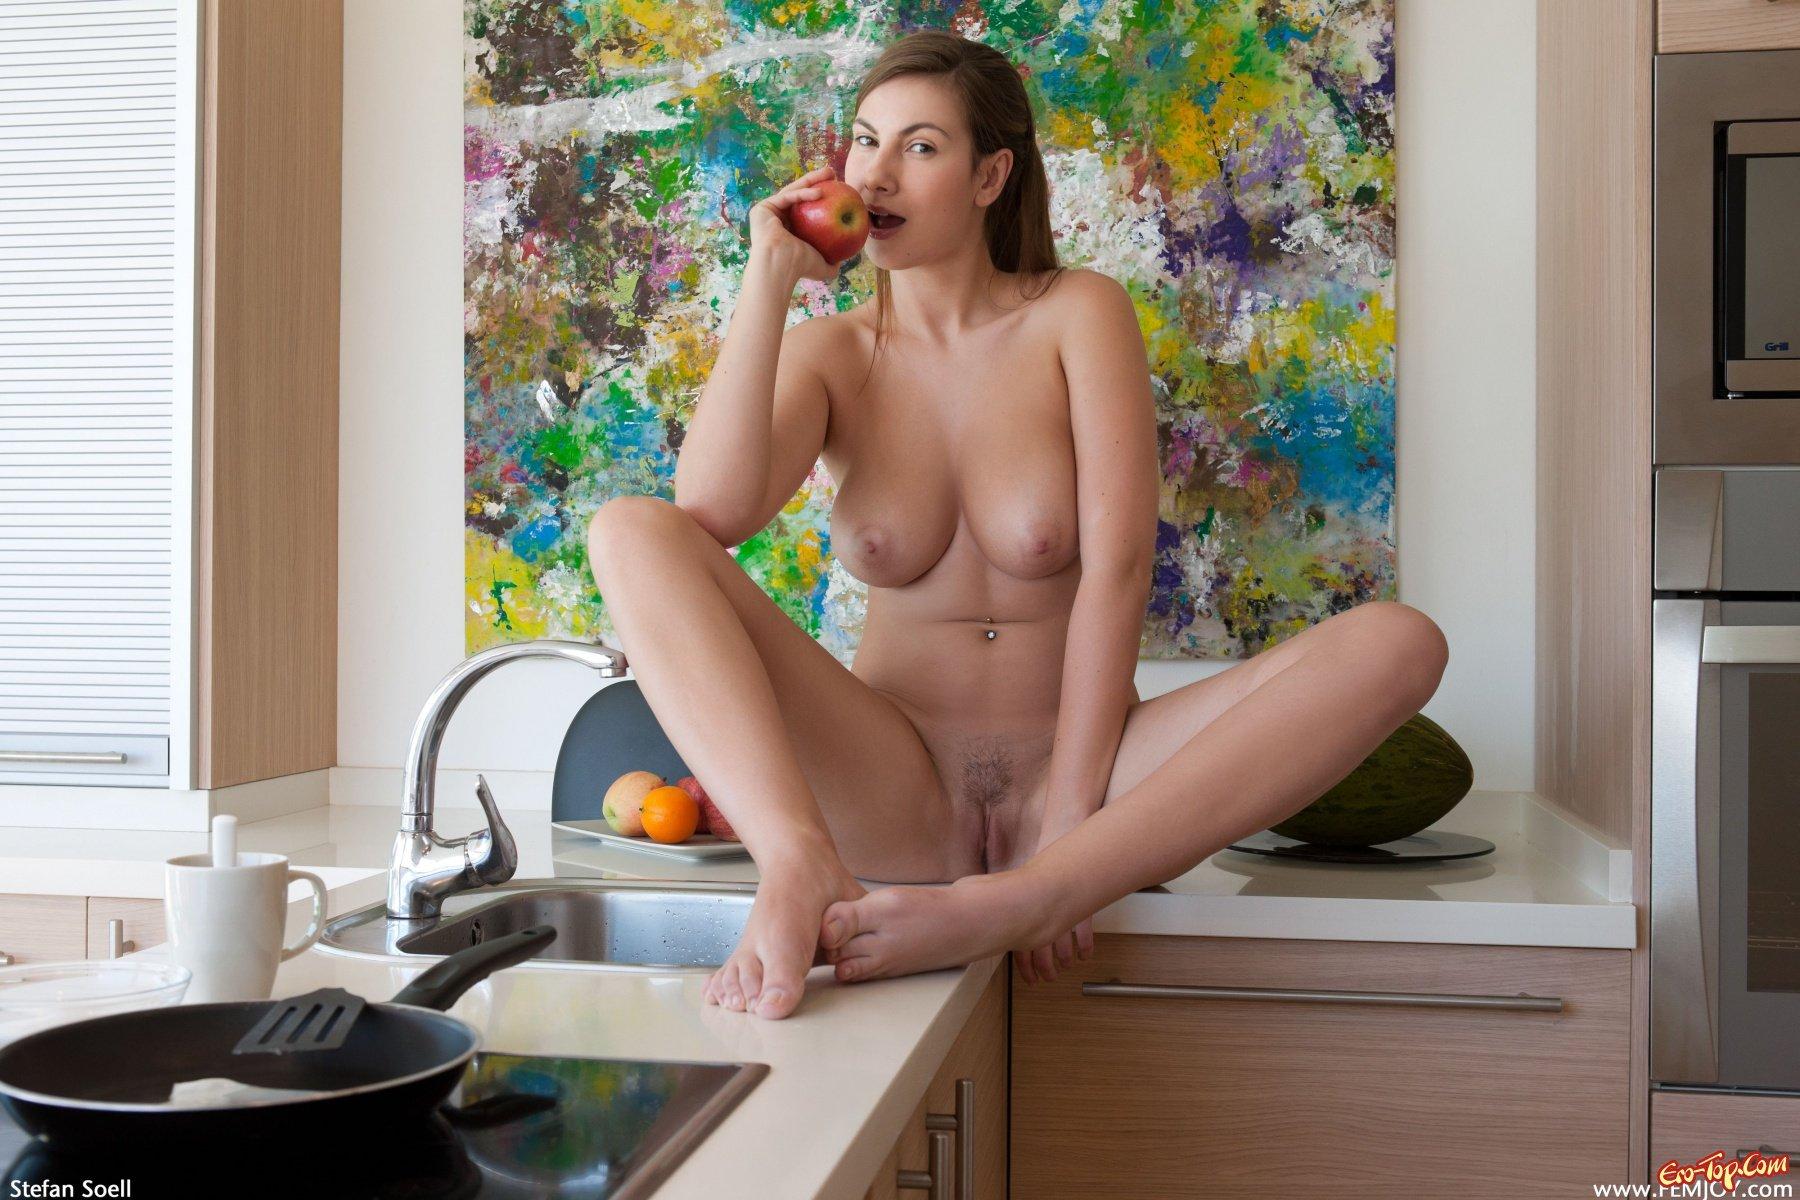 Обнаженная девушка готовит